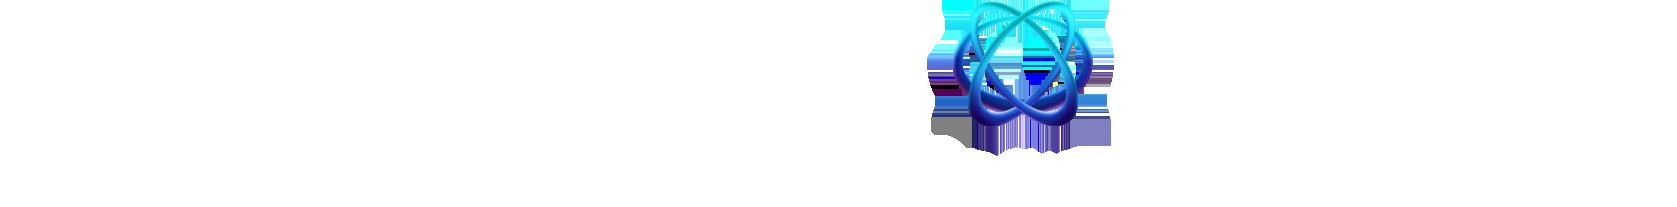 pixotope+logo.png